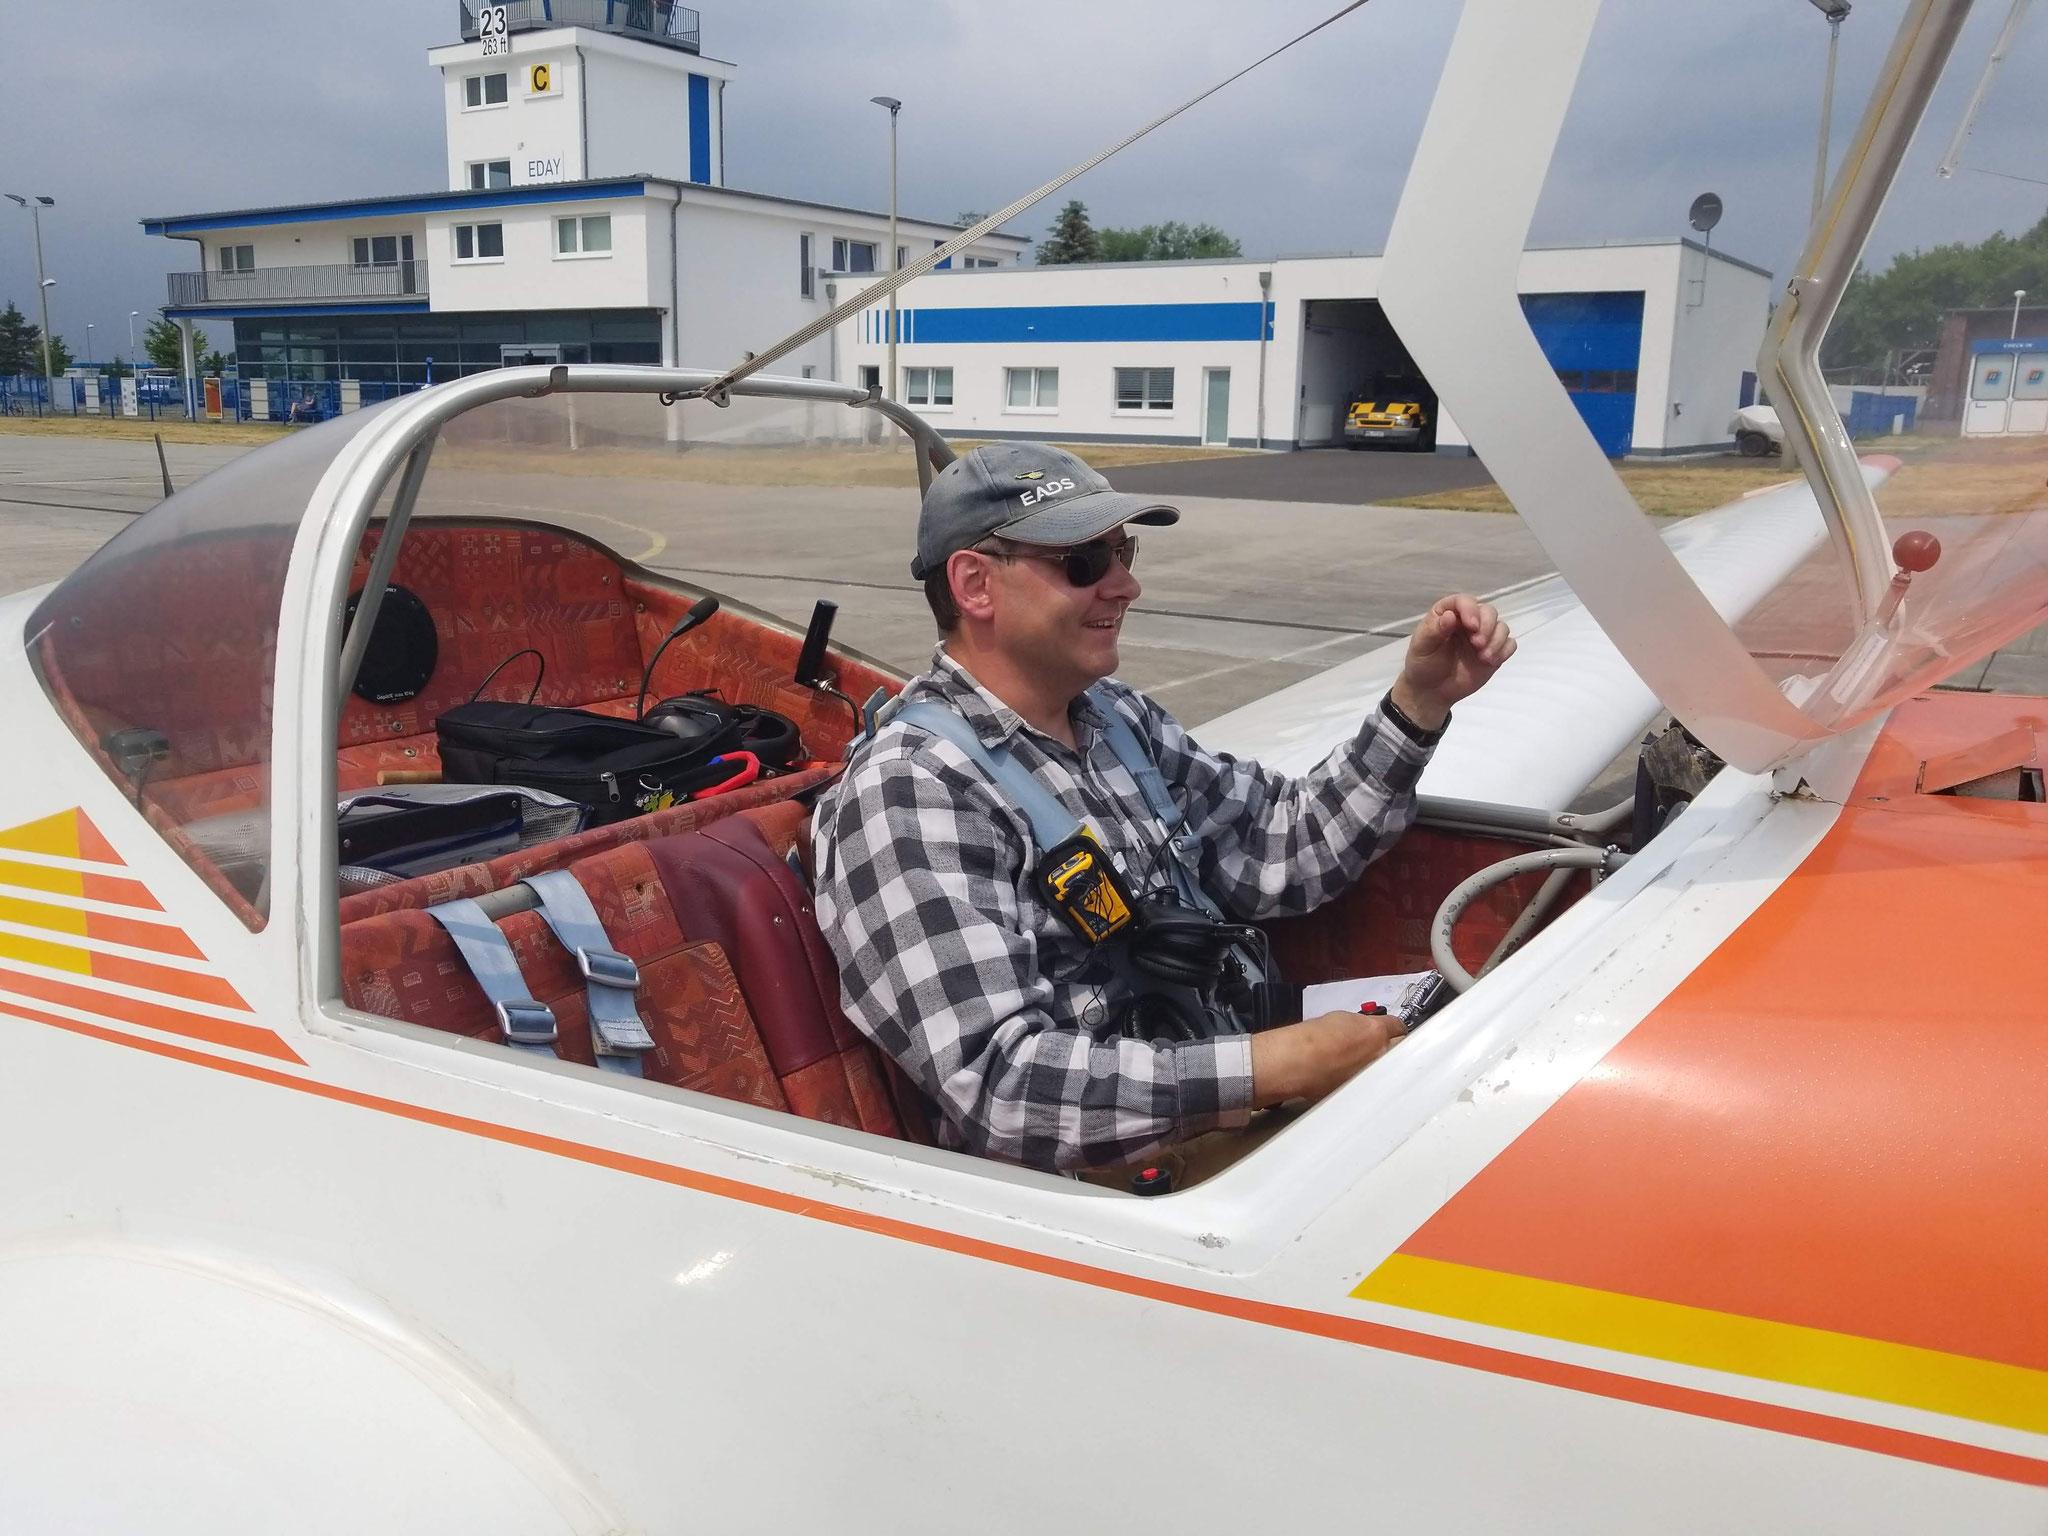 Ein strahlender Jan nach seinem ersten Alleinflug